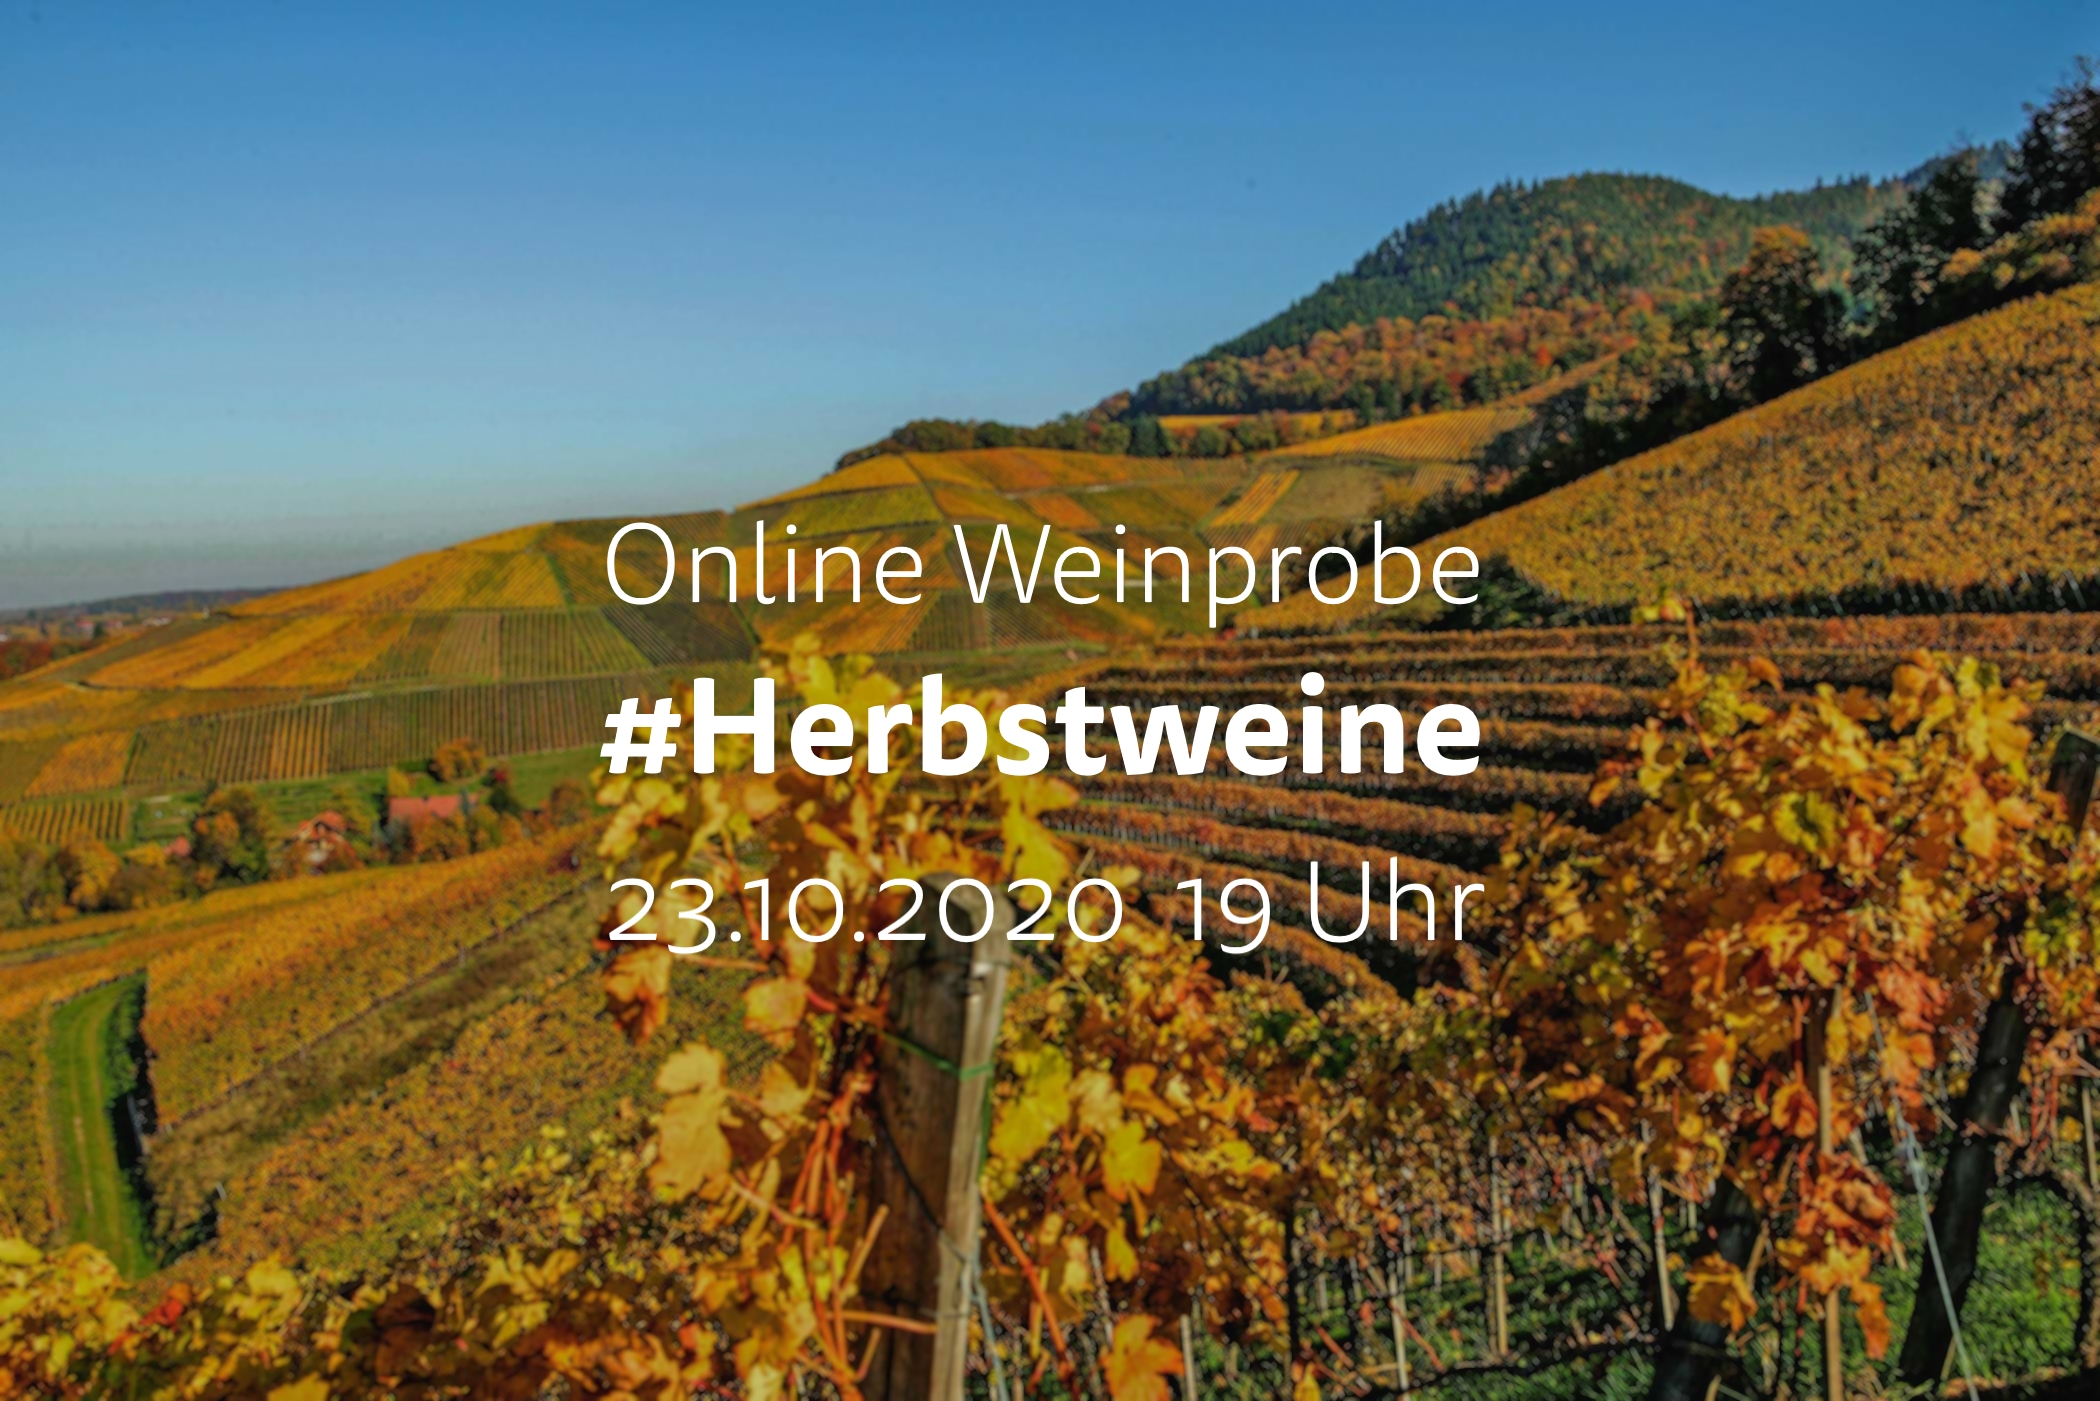 Online Weinprobe unsere #Herbstweine auf Facebook und Youtube